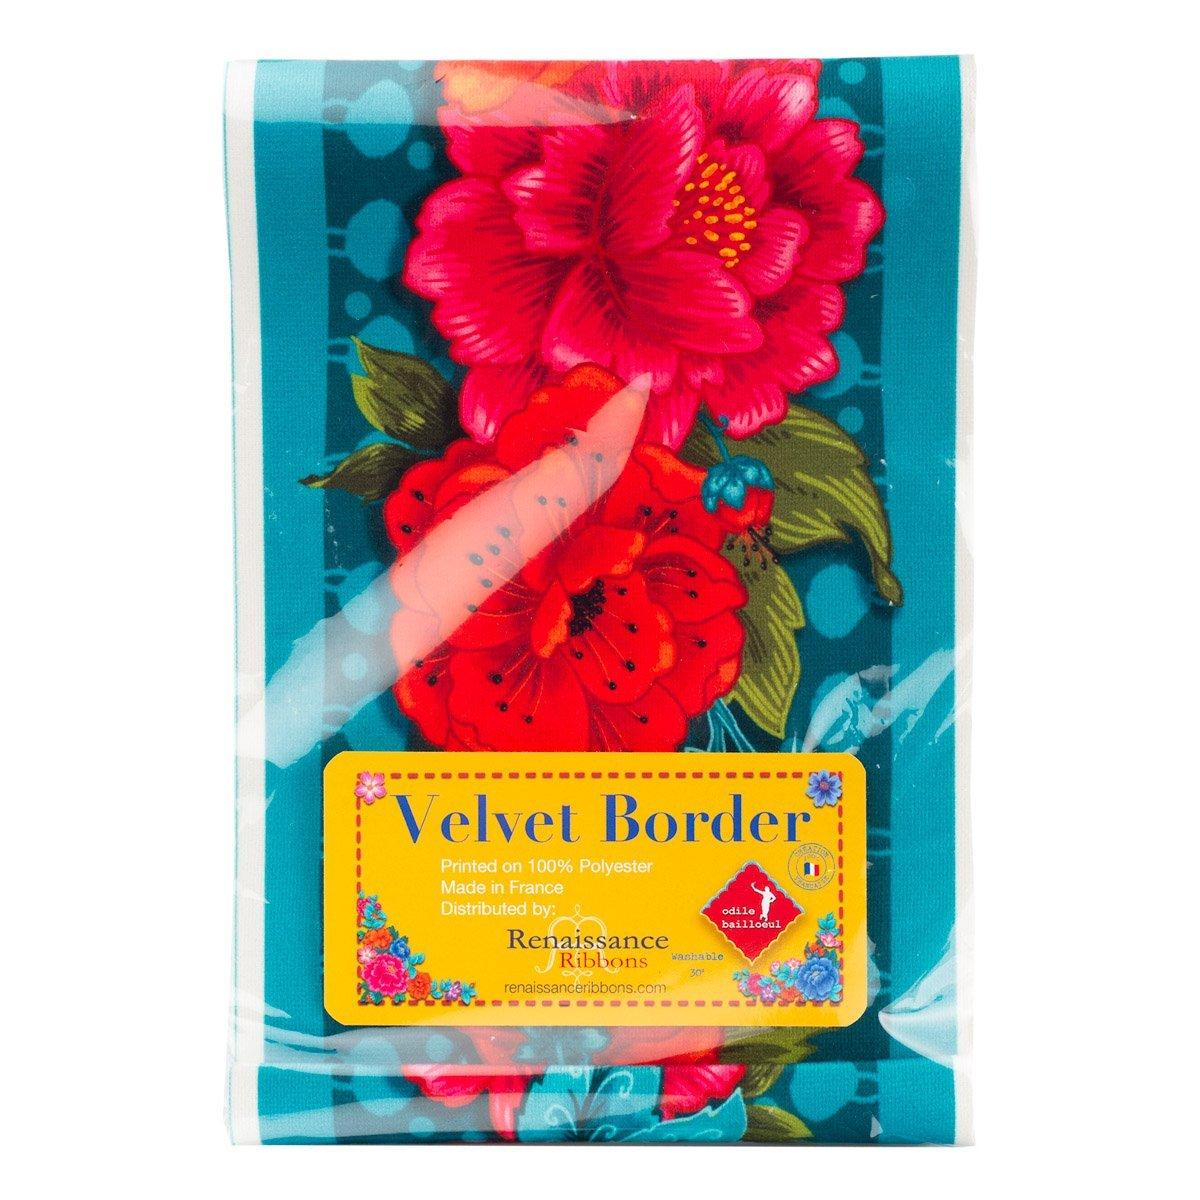 Red Peonies on Turquoise (5 Velvet Border) (Renaissance Ribbons)